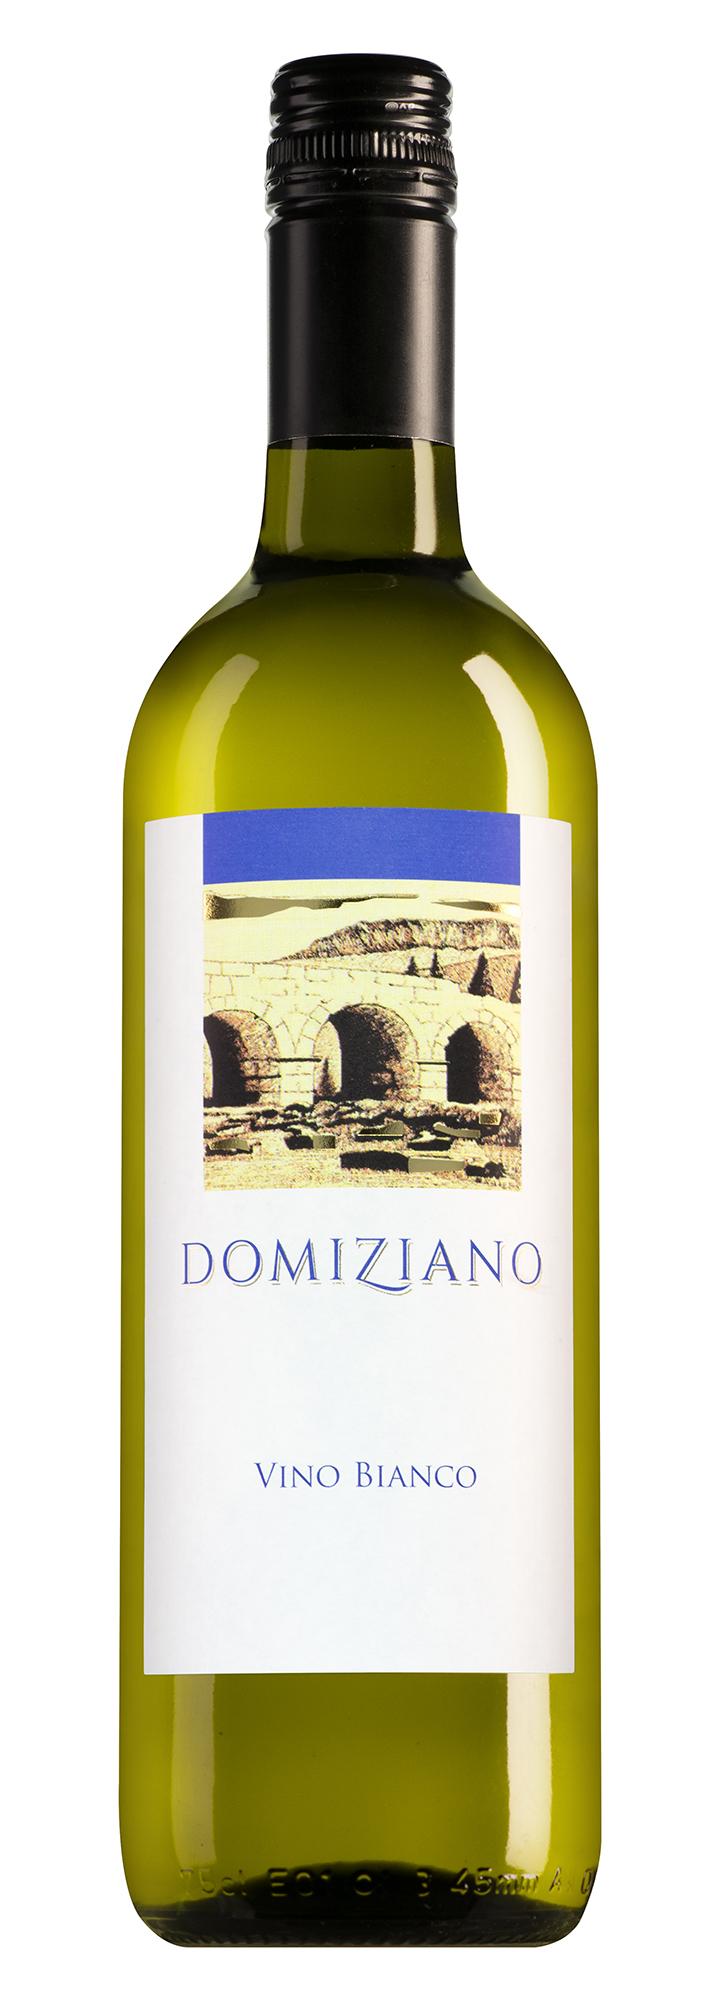 Cantine Due Palme Salento Domiziano Vino Bianco Pinot Grigio